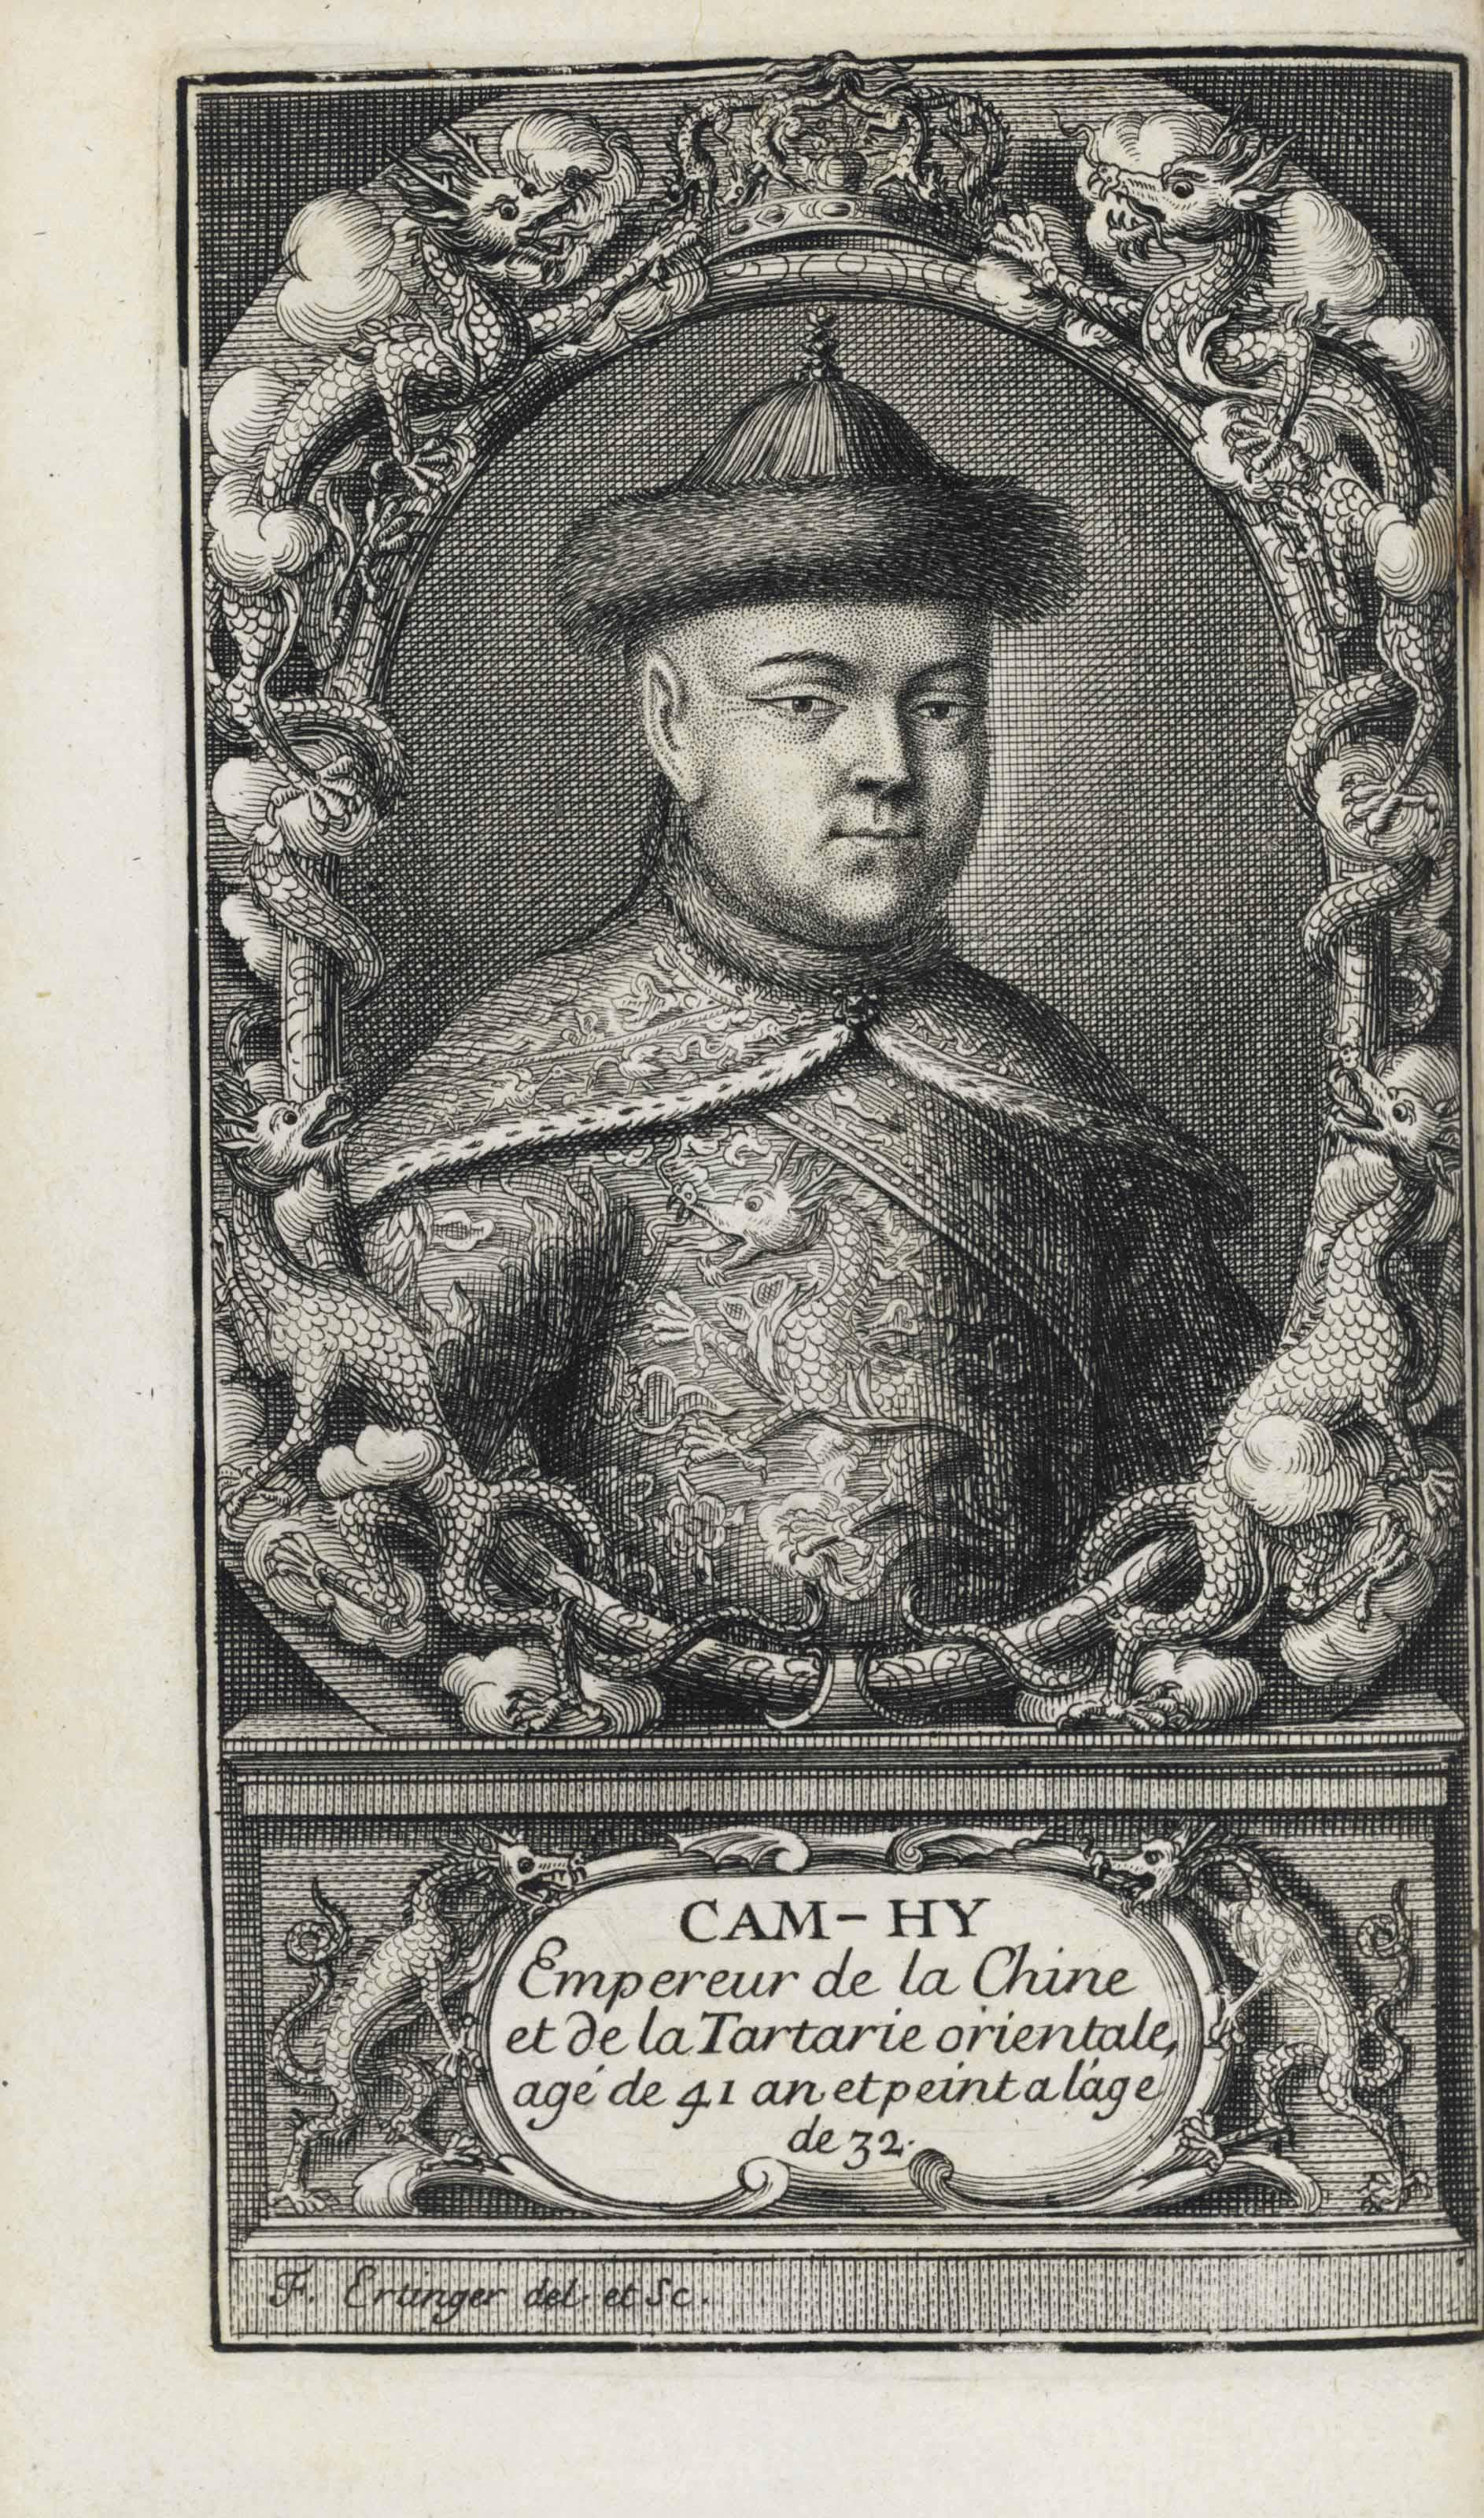 LE COMTE, Louis (1655-1728). N